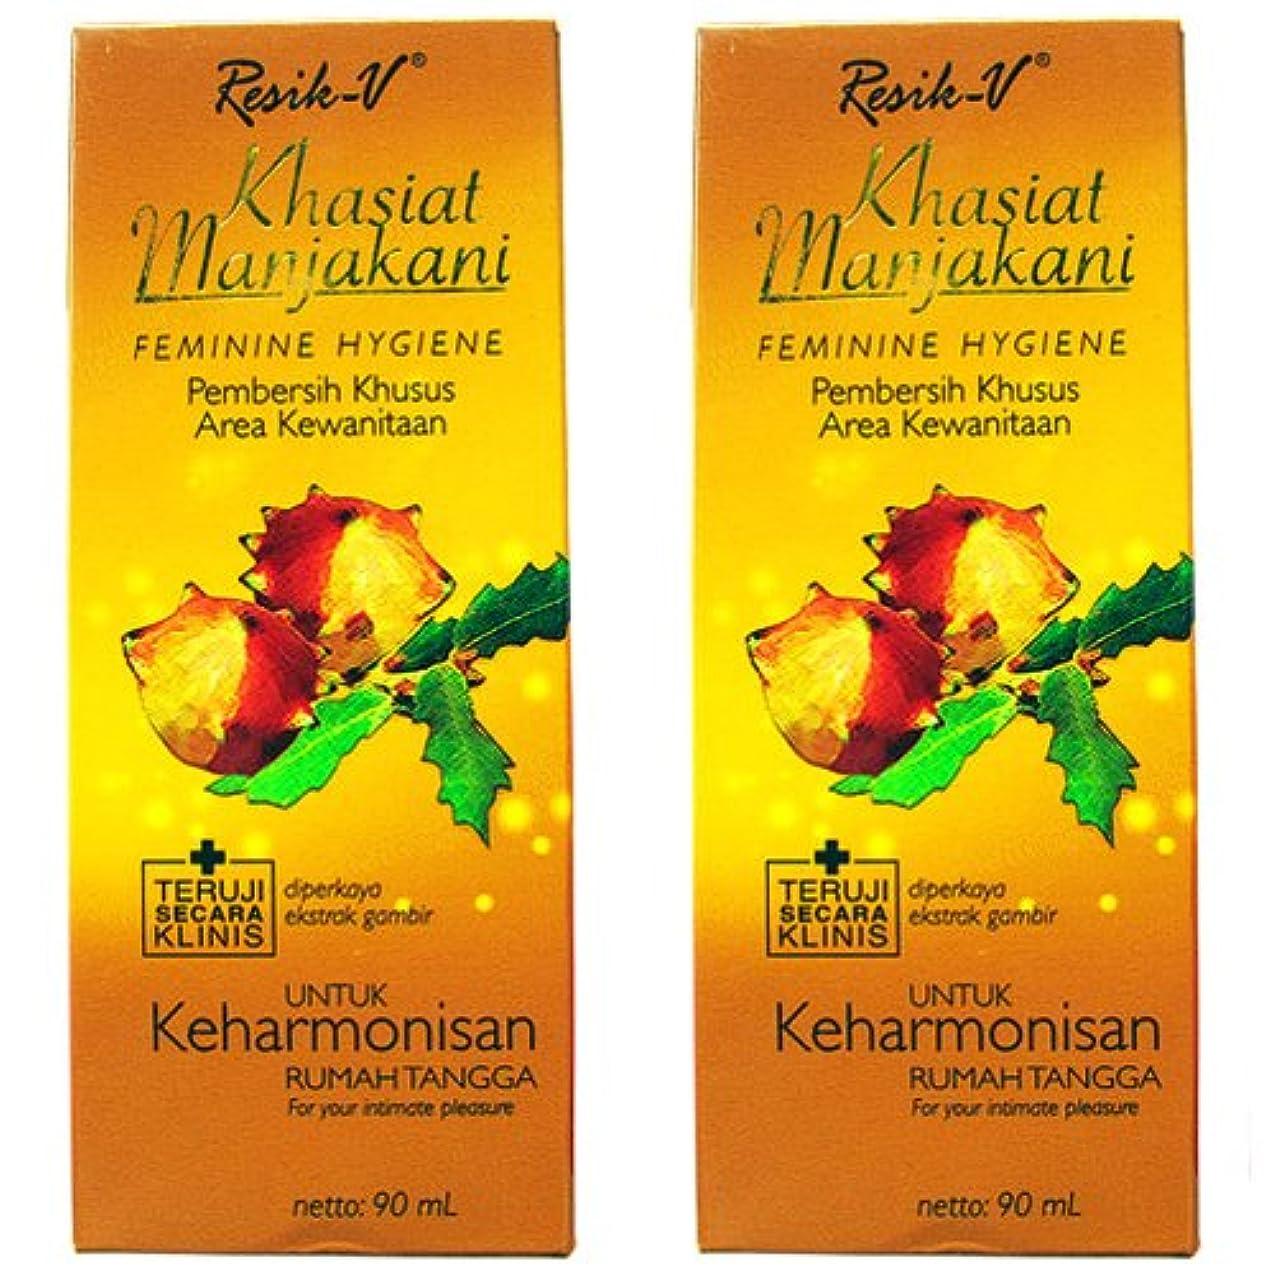 飢えガソリンリストResik-V マンジャカニ 女性用液体ソープ90ml 2本セット [並行輸入品][海外直送品]